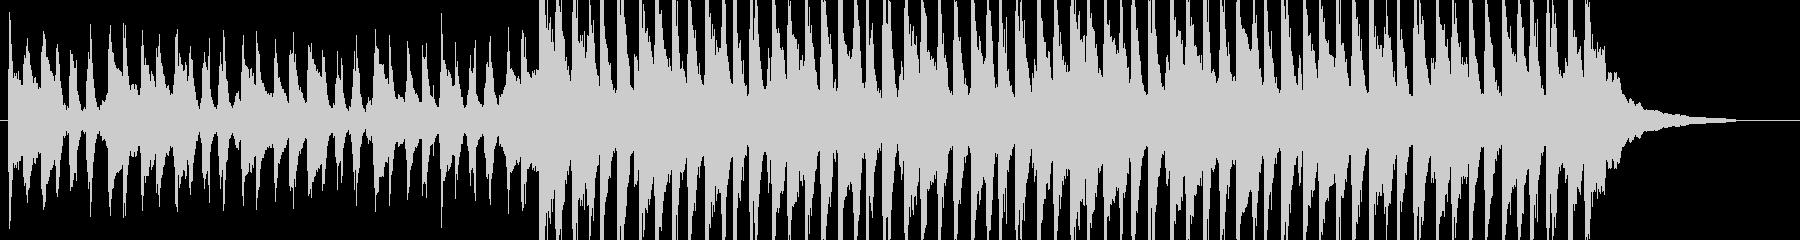 企業VPやCM、口笛、明るいポップ30秒の未再生の波形